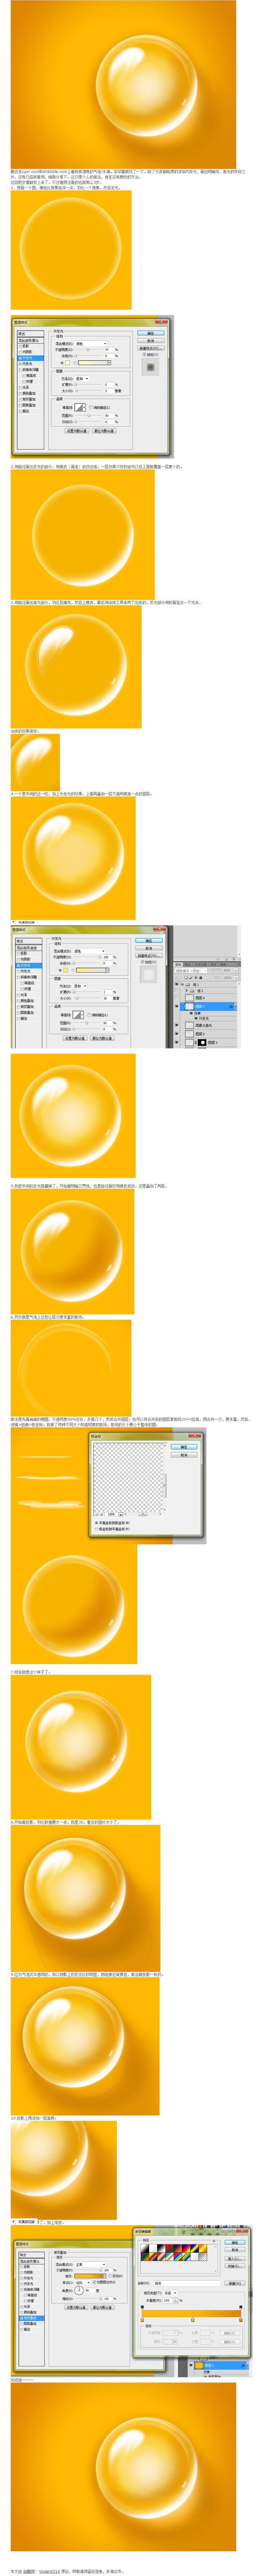 透明圆形的画法